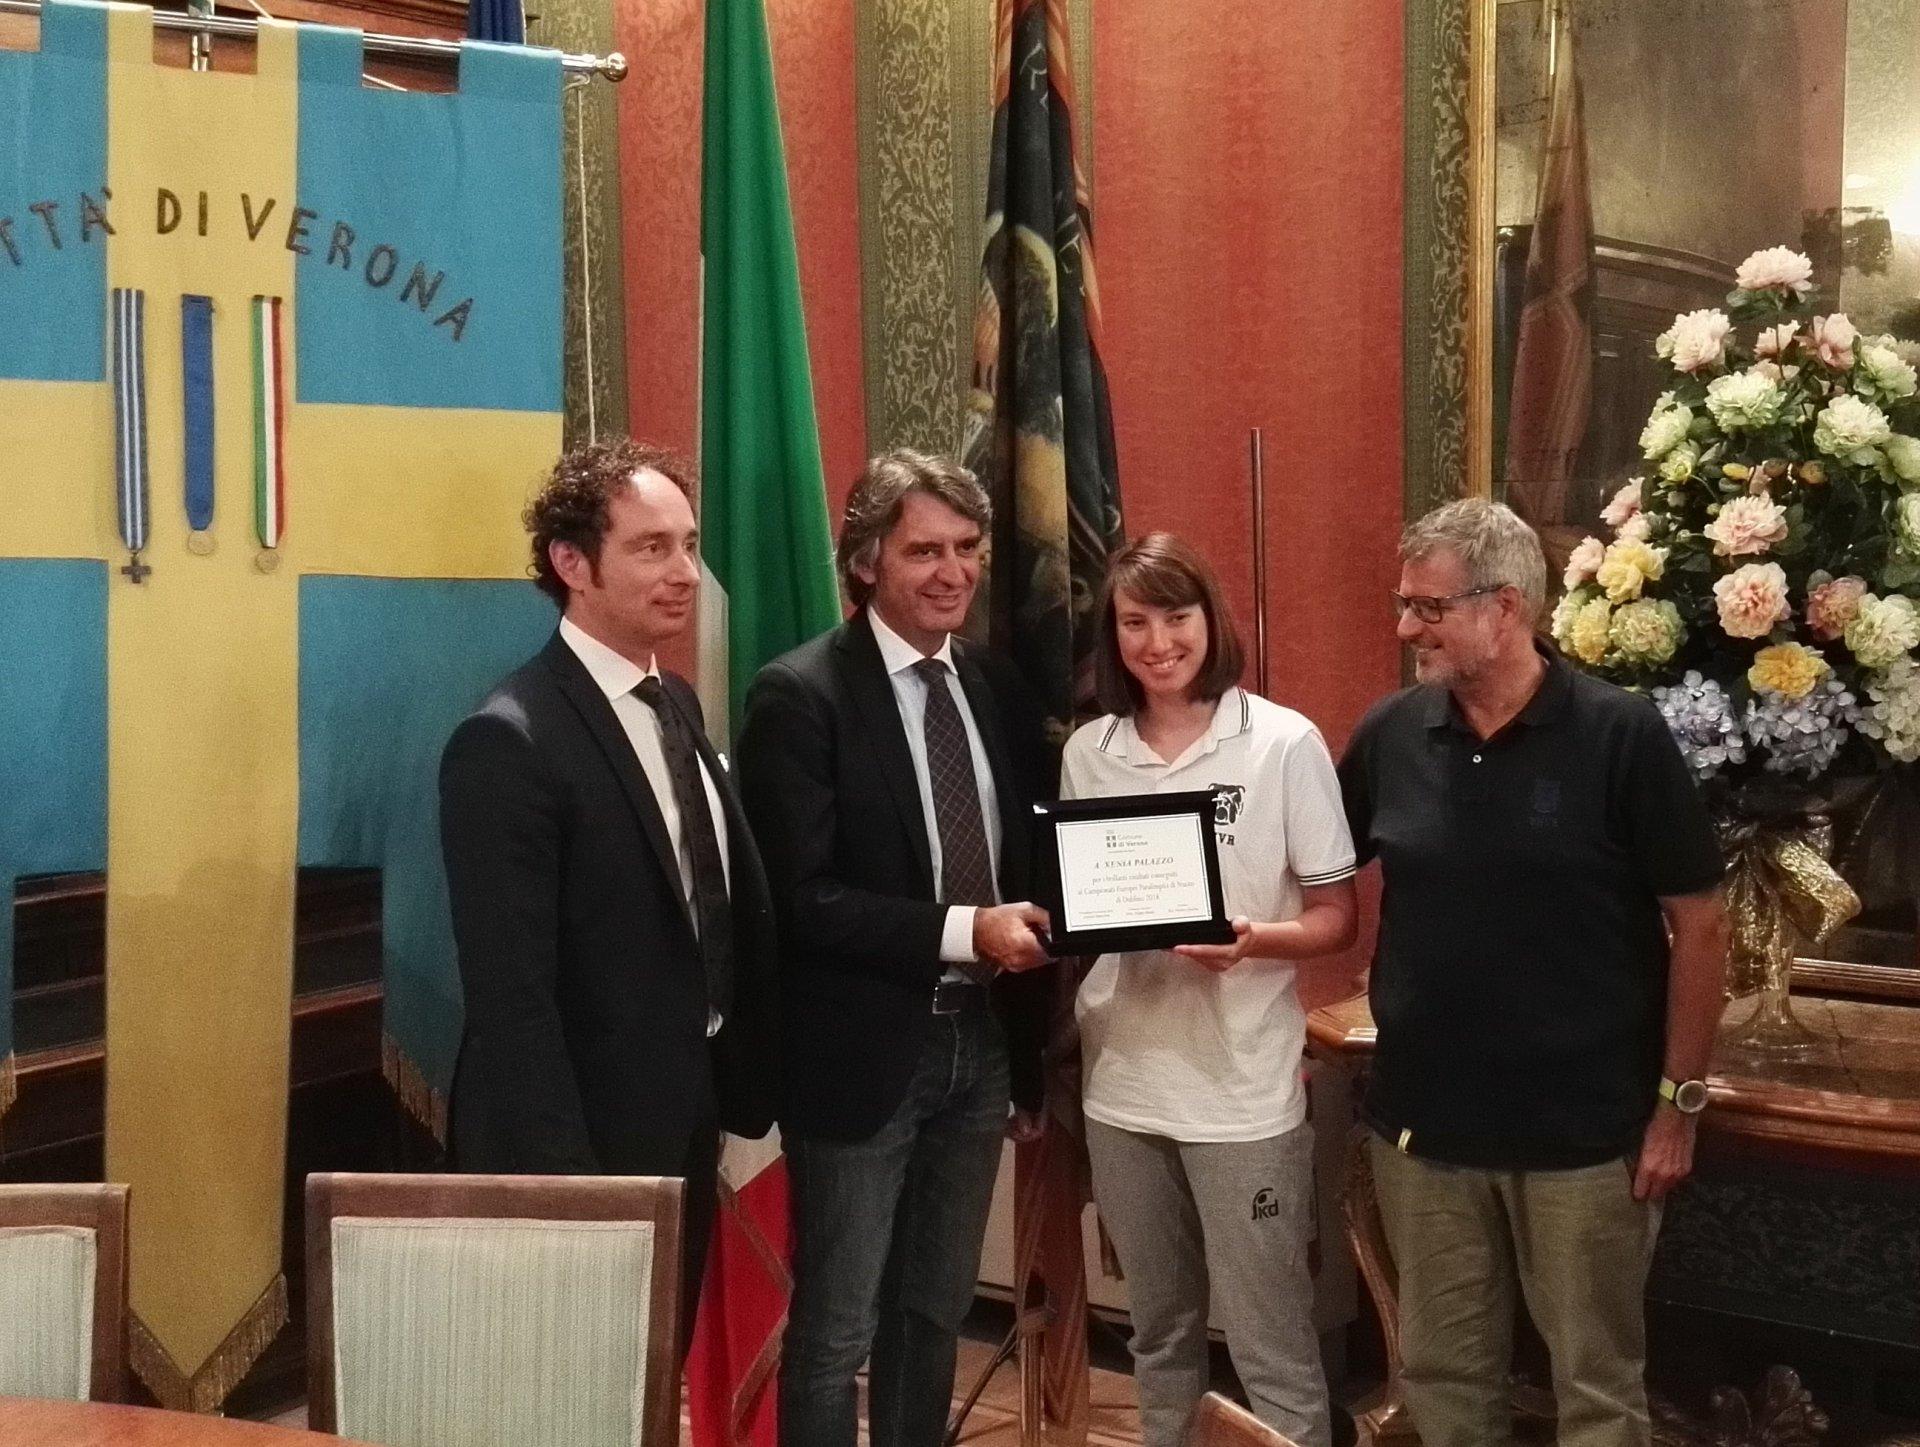 Premiati i campioni del nuoto italiano.Una targa per celebrare le medaglie, ma anche i primati italiani e le grandi prestazioni realizzate ai recenti Europei di nuoto di Glasgow e Dublino.